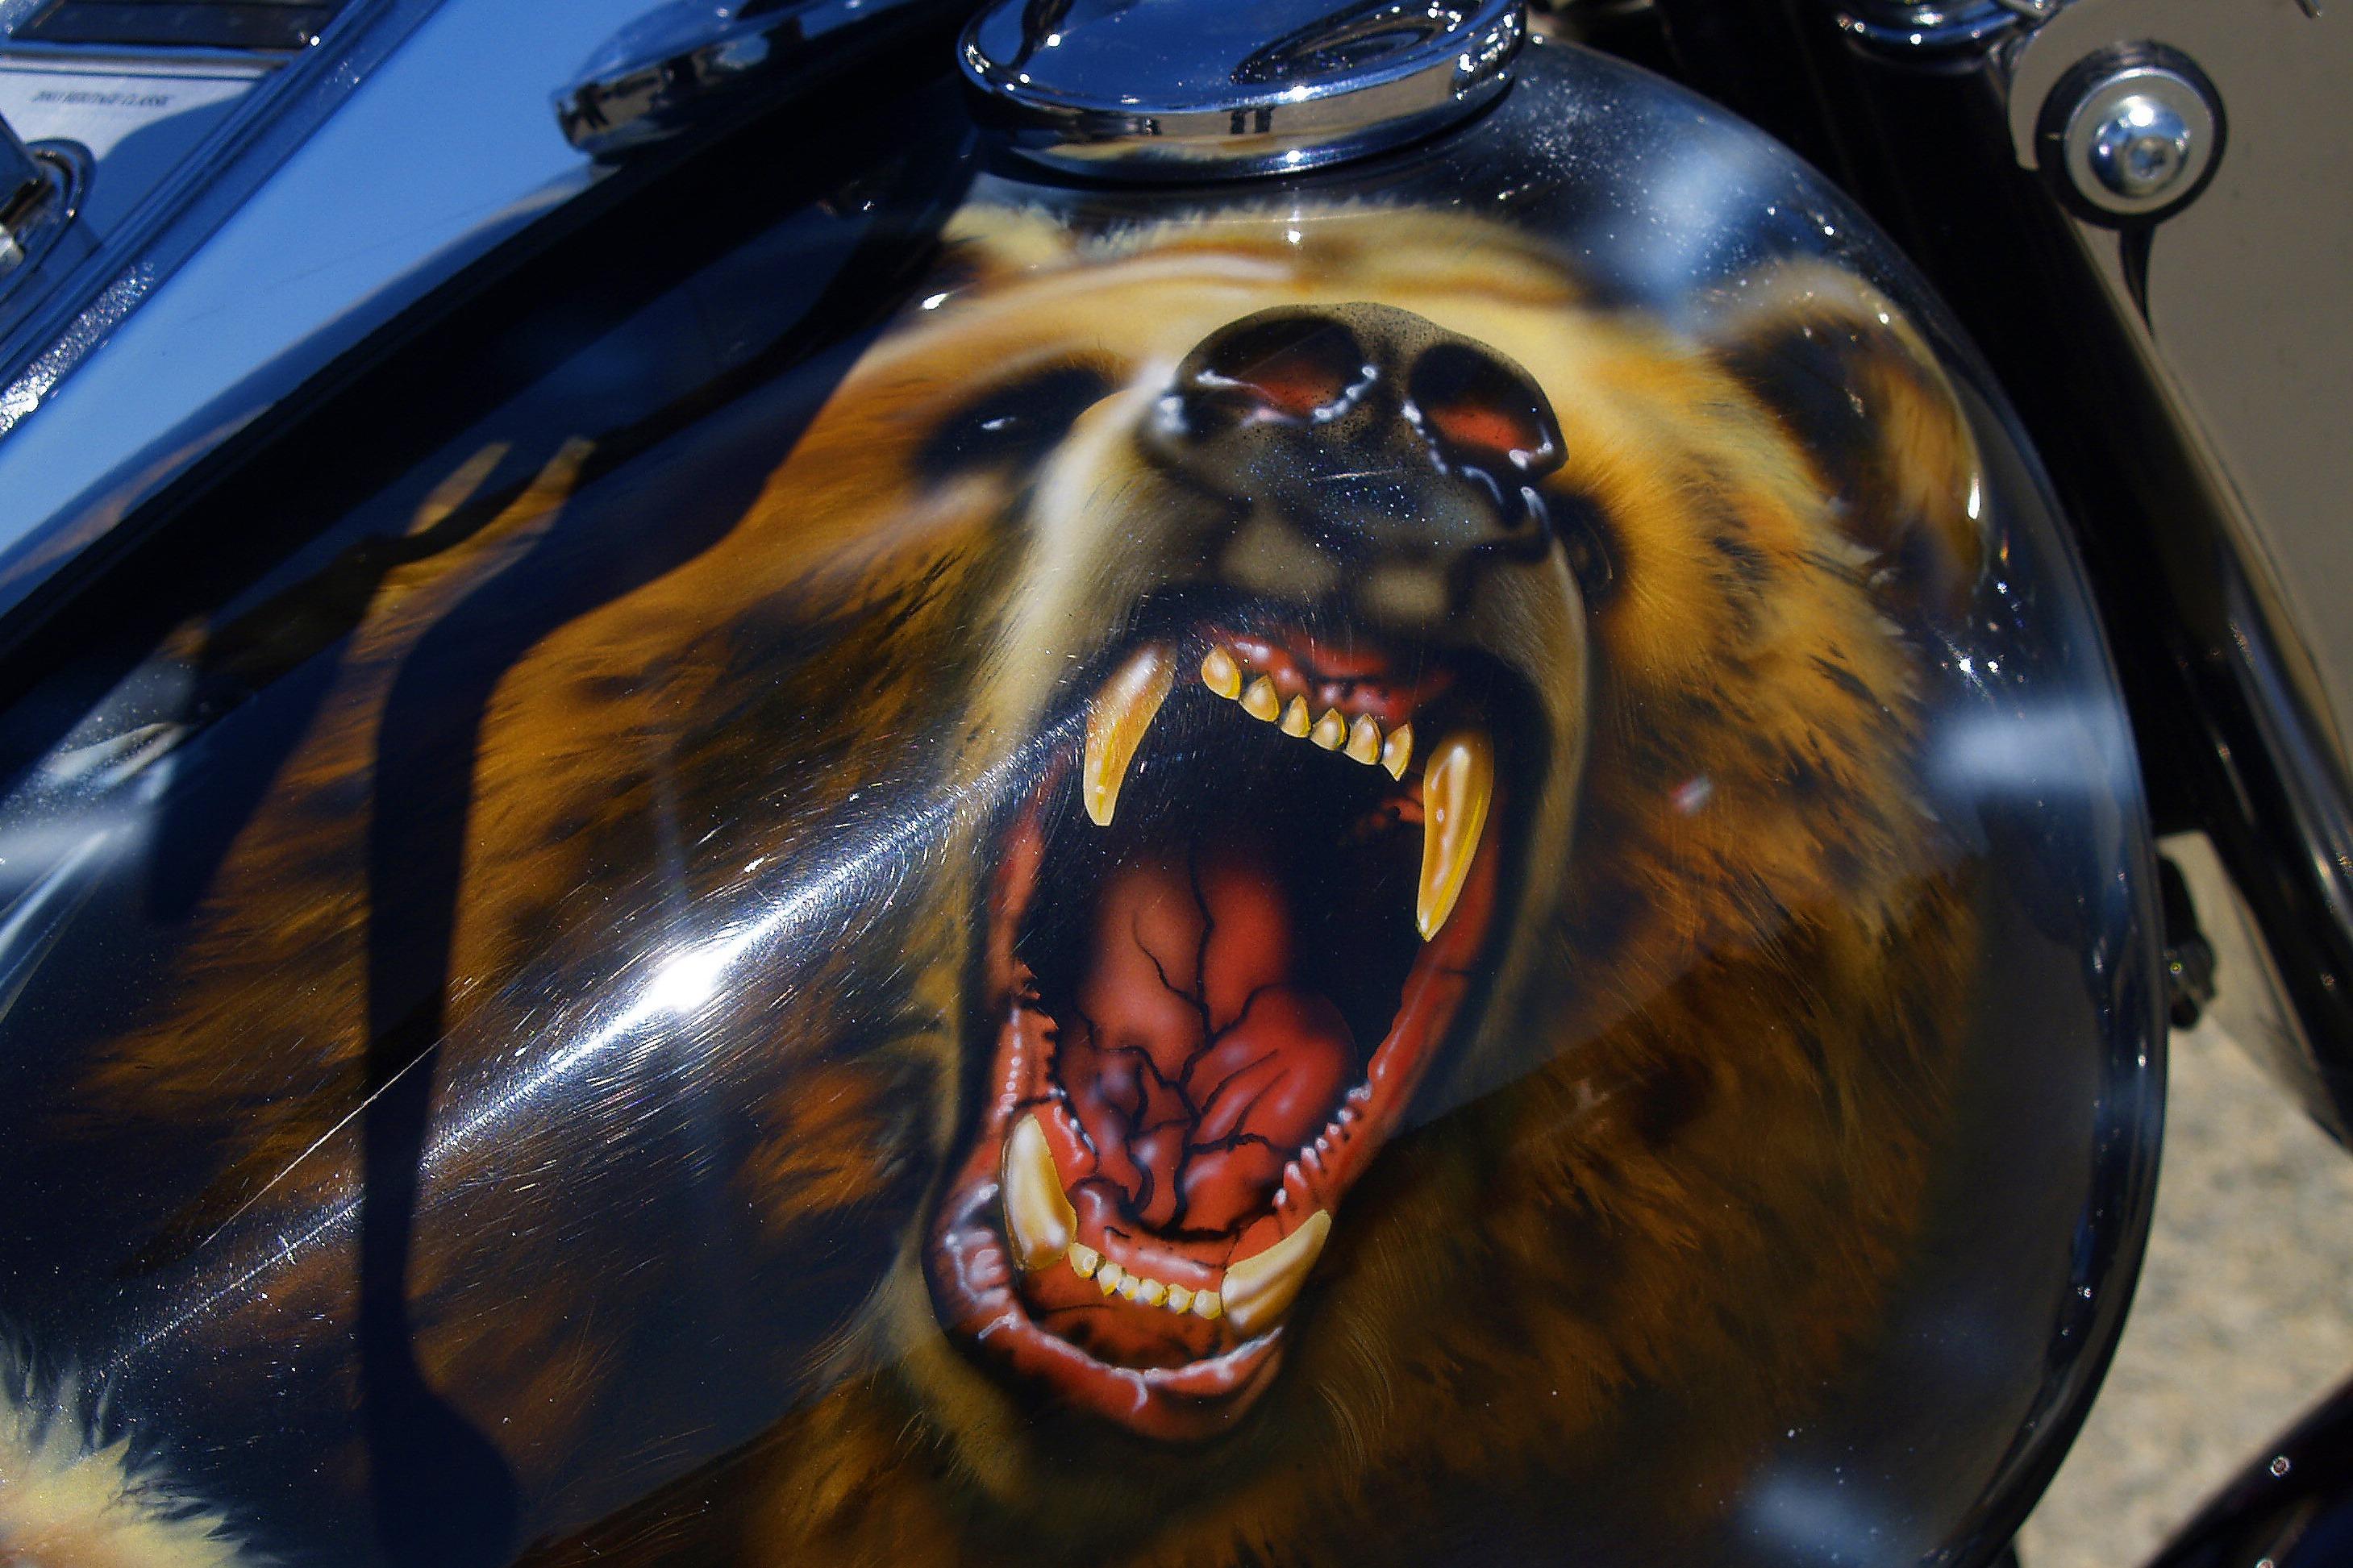 она картинки афиш медведей на мотоциклах красивыми кажутся